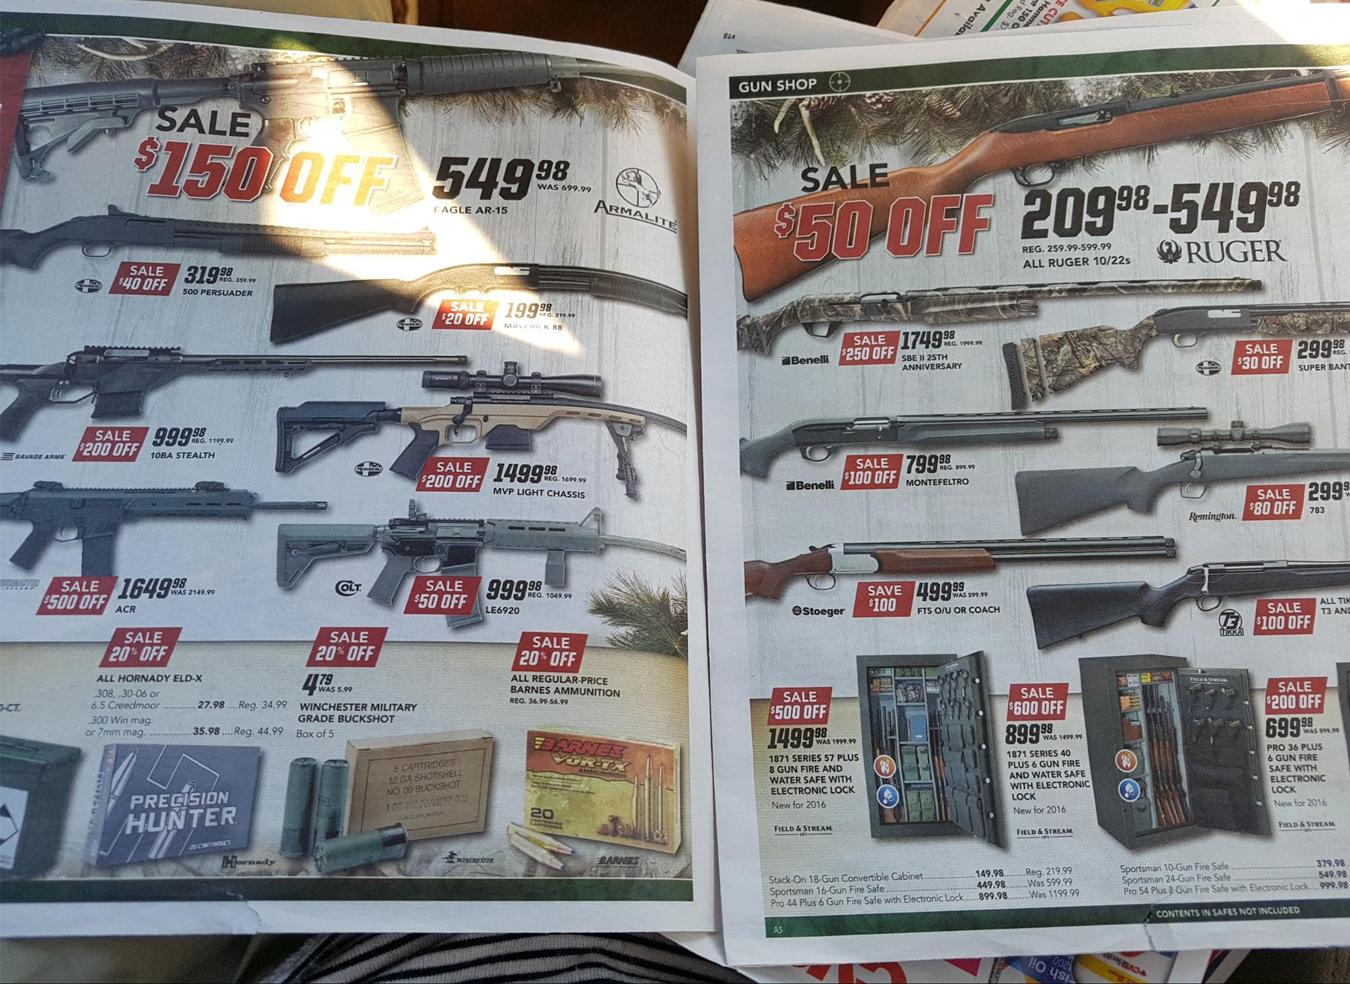 Буклет из почтового ящика — в специализированном магазине проходит распродажа оружия. Директ-маркетинг в США невероятно популярен, в ящики кладут ворох листовок